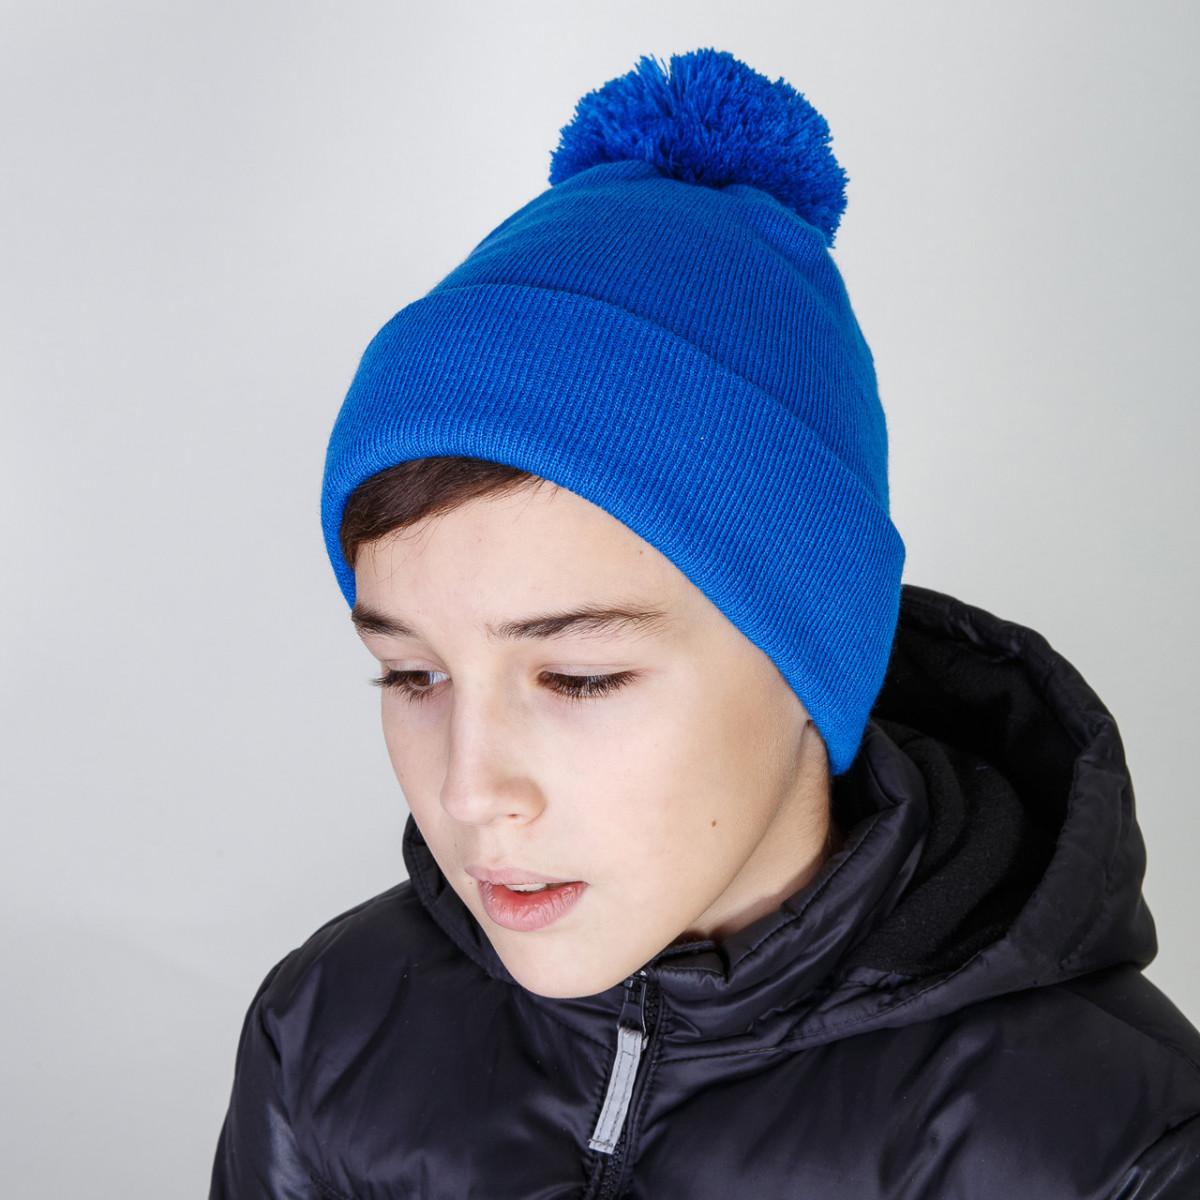 Модная зимняя шапка для мальчика с помпоном оптом - Артикул 2809